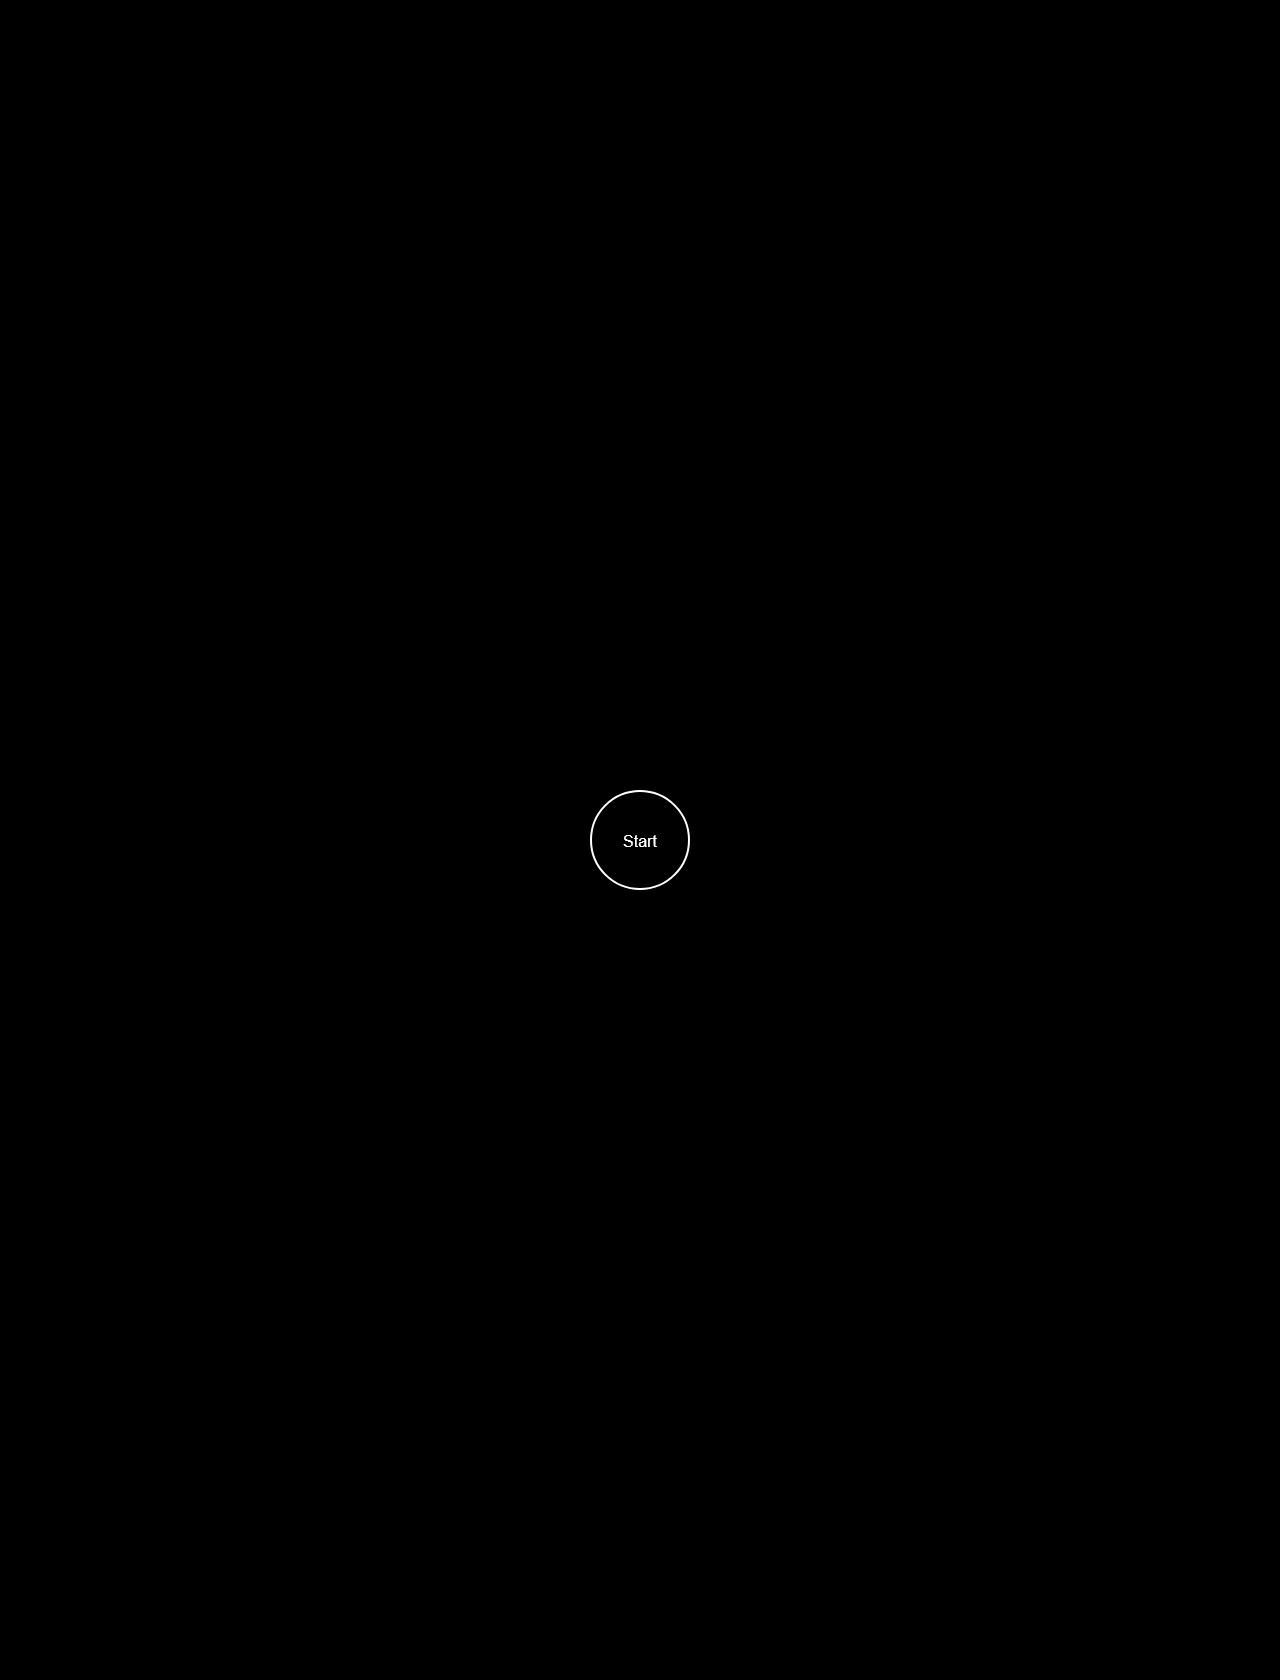 Screenshot Desktop - https://vibe-lab.org/